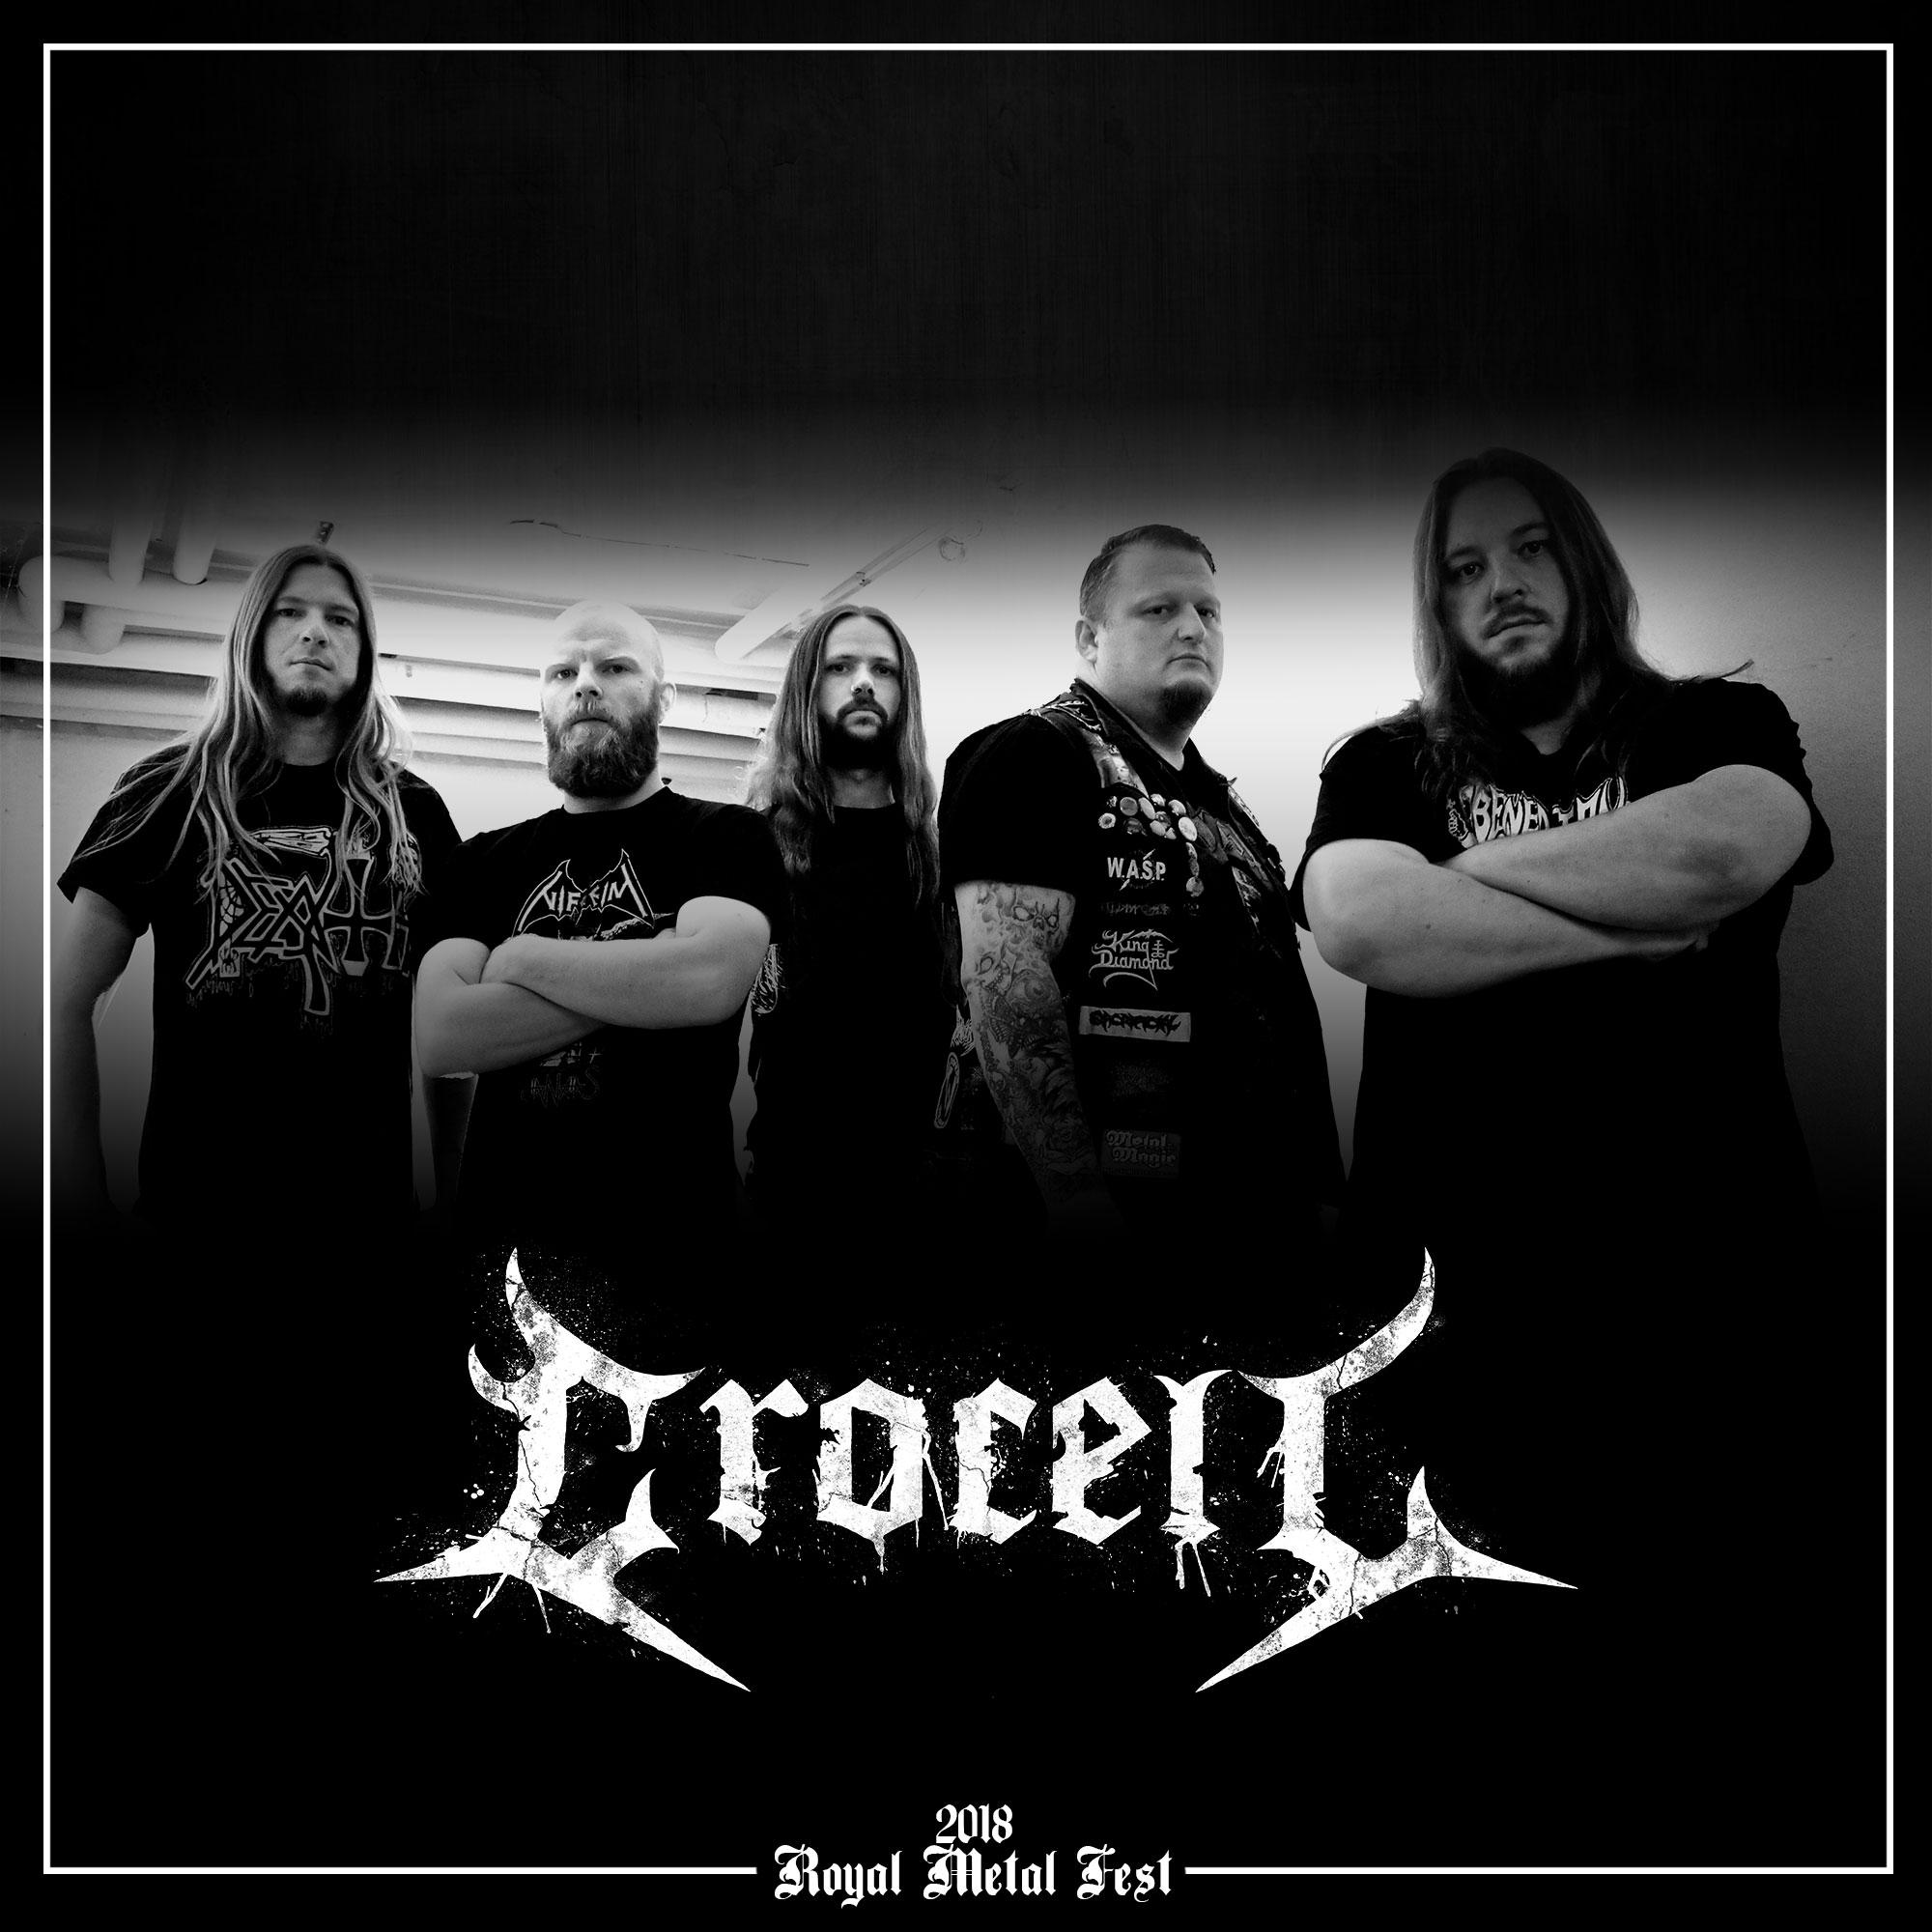 Crocell (DK)